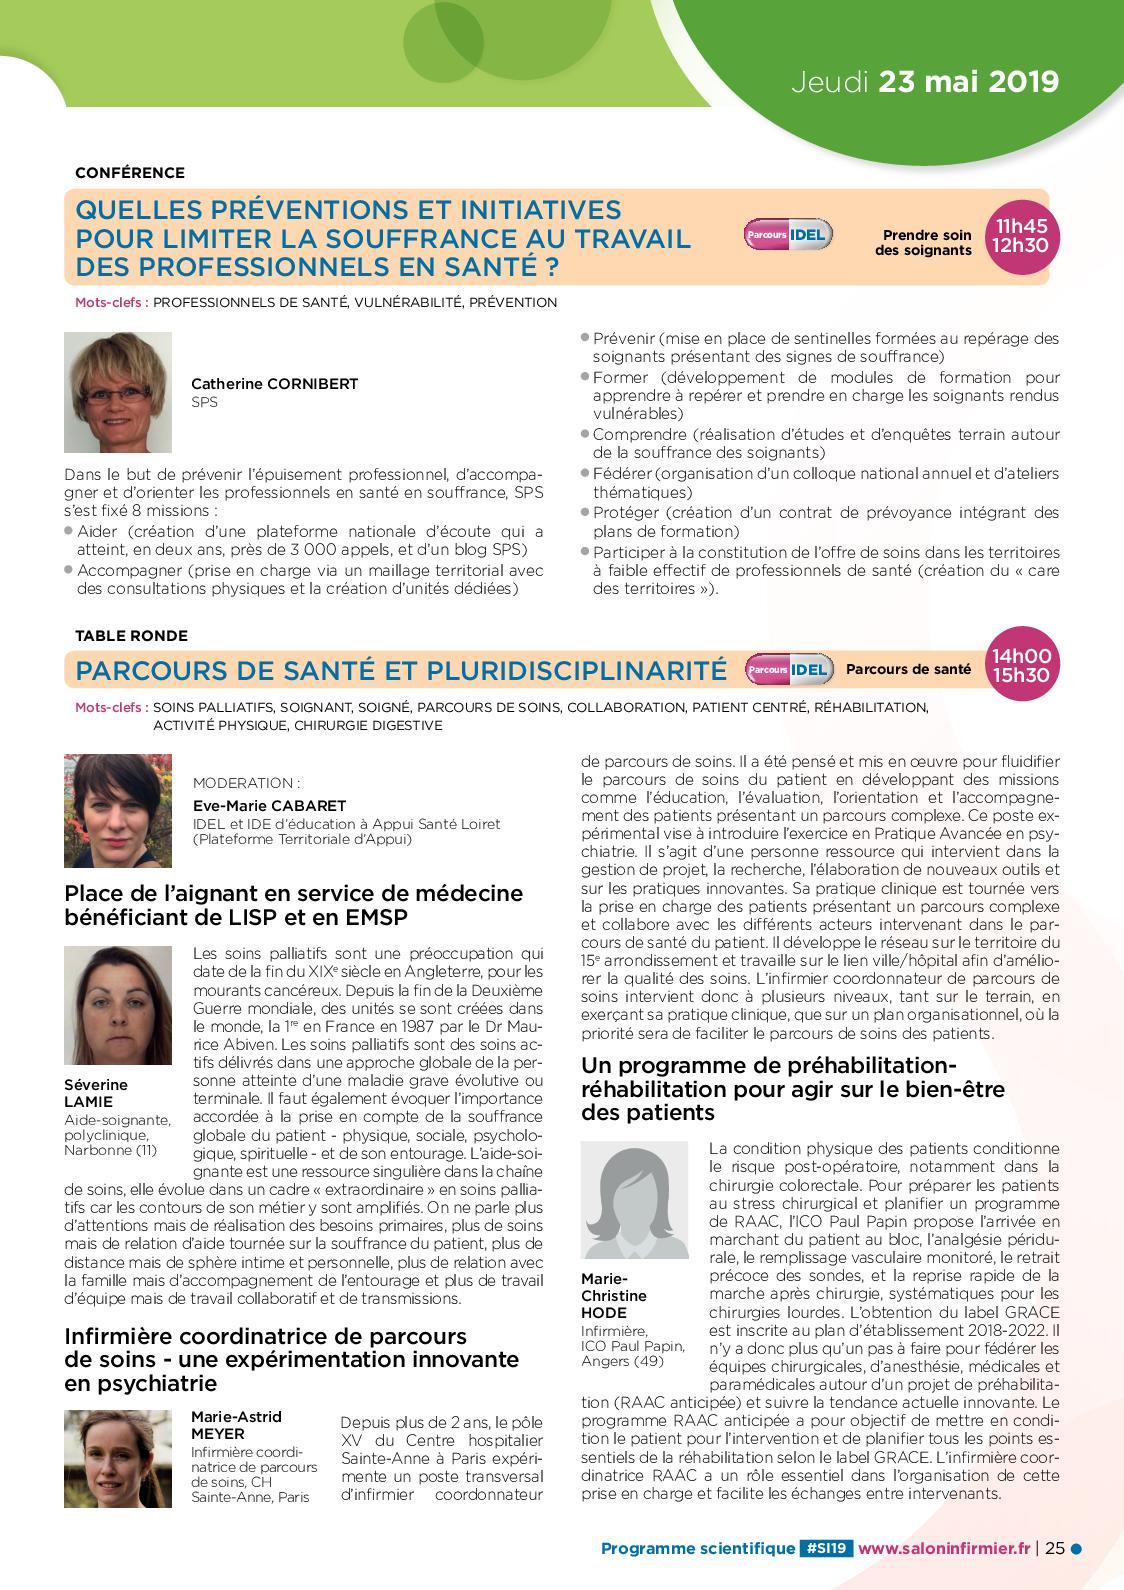 Programme scientifique du Salon Infirmier 20 - CALAMEO Downloader